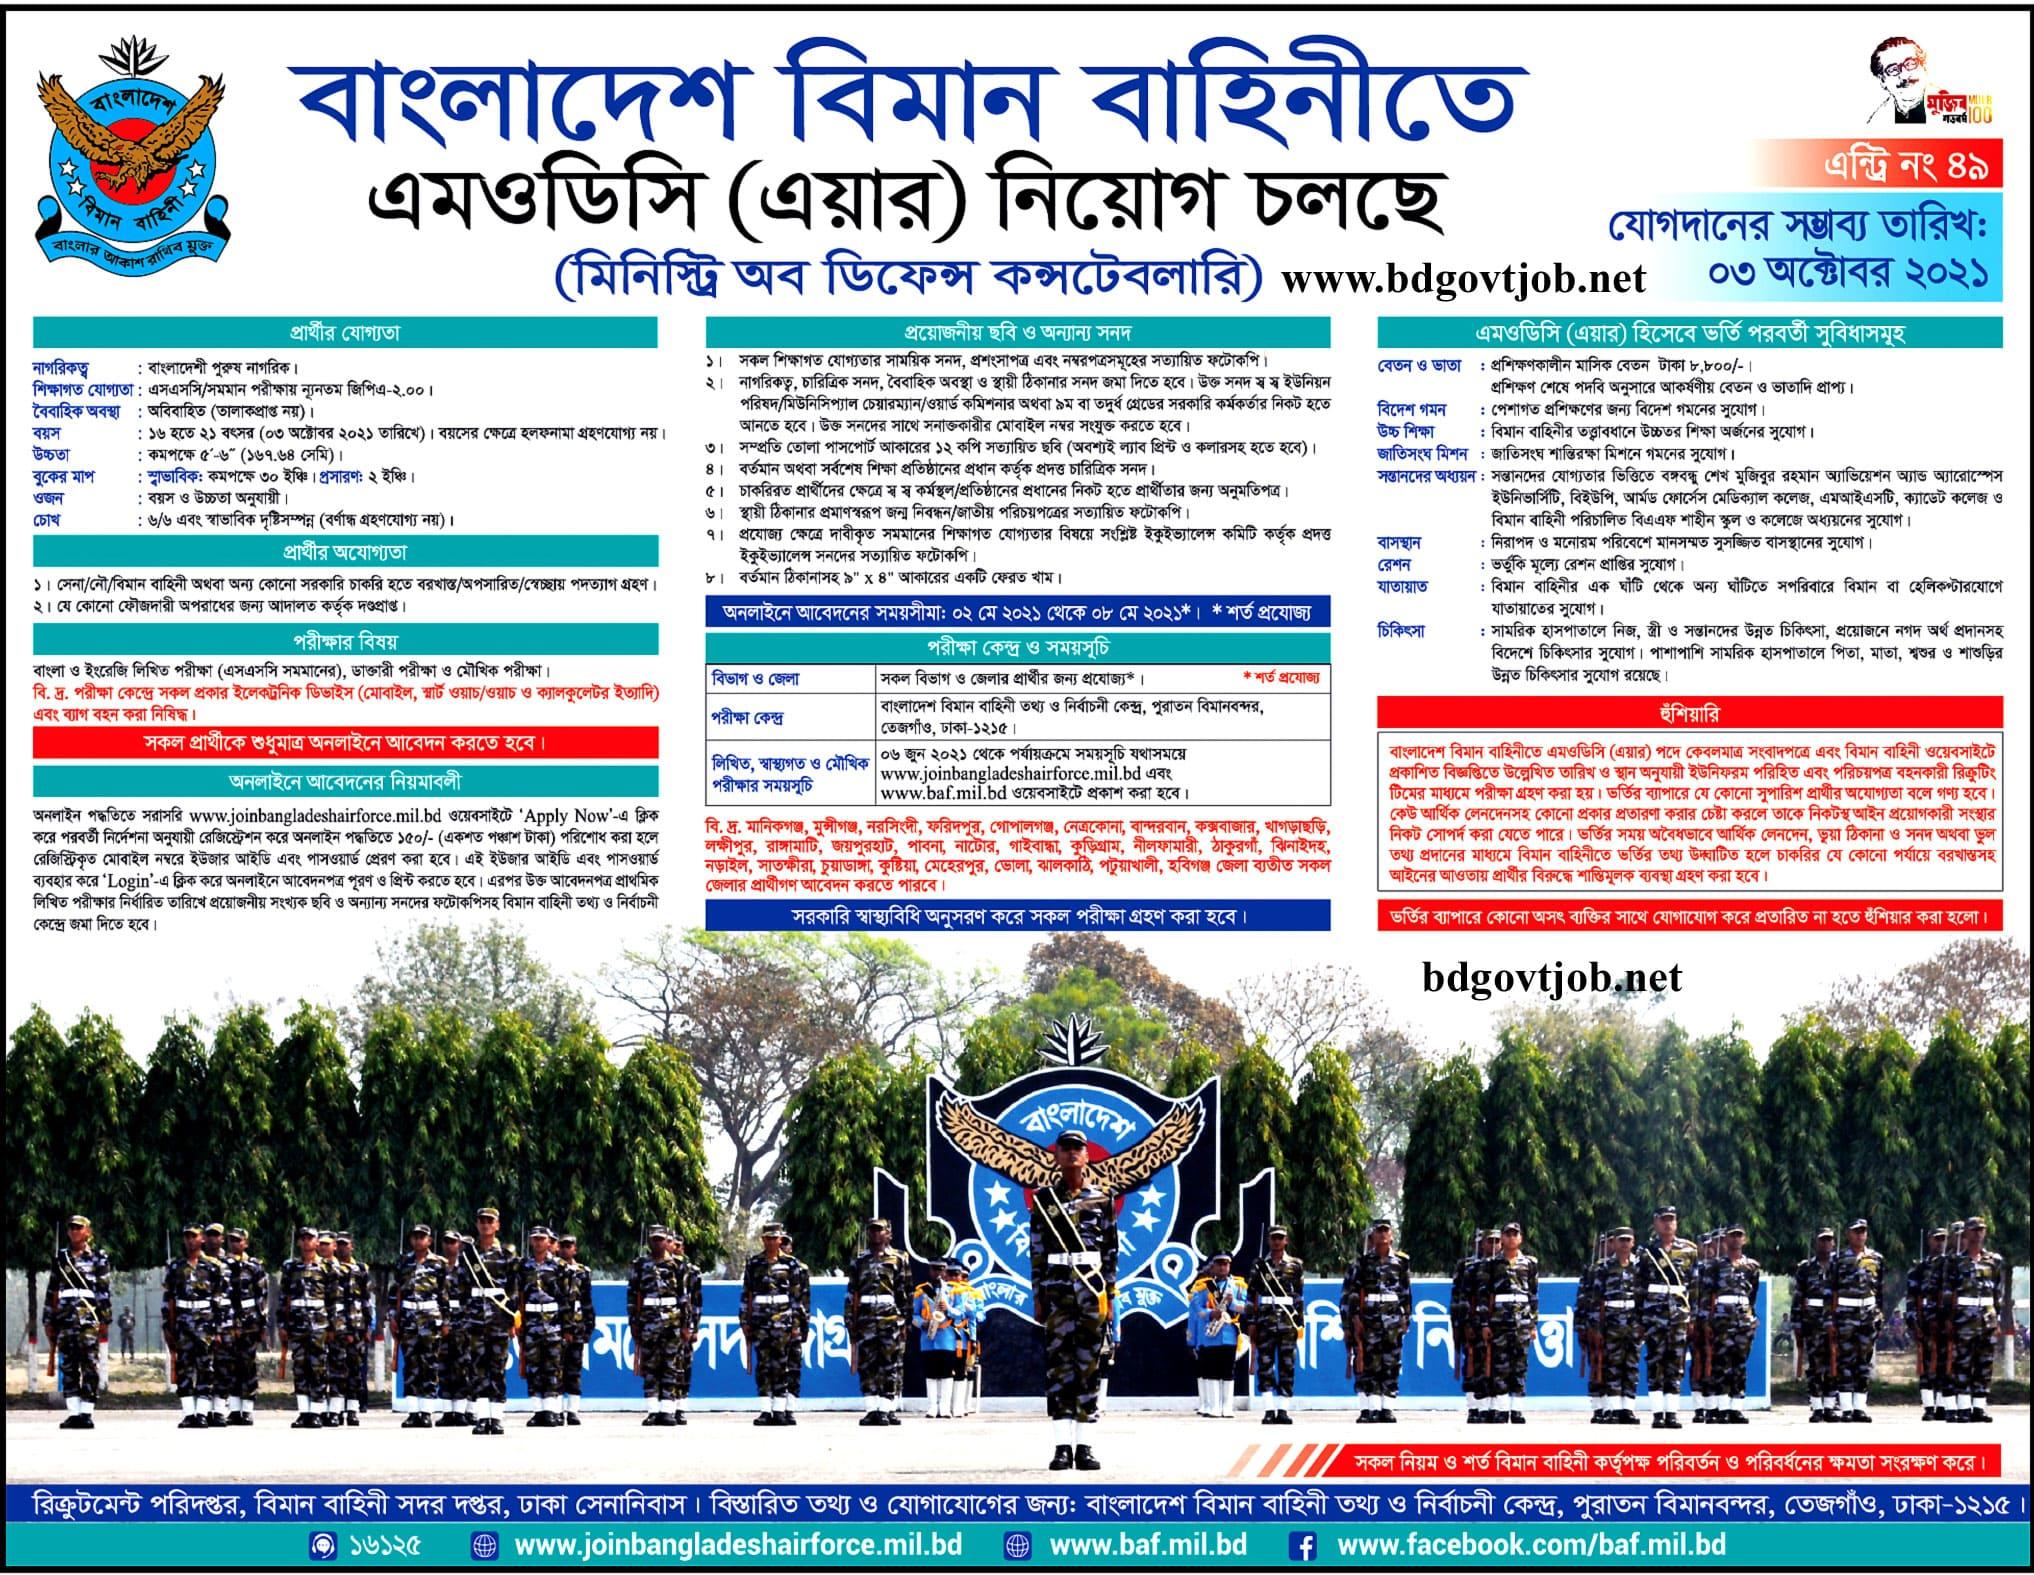 joinairforce.baf.mil.bd